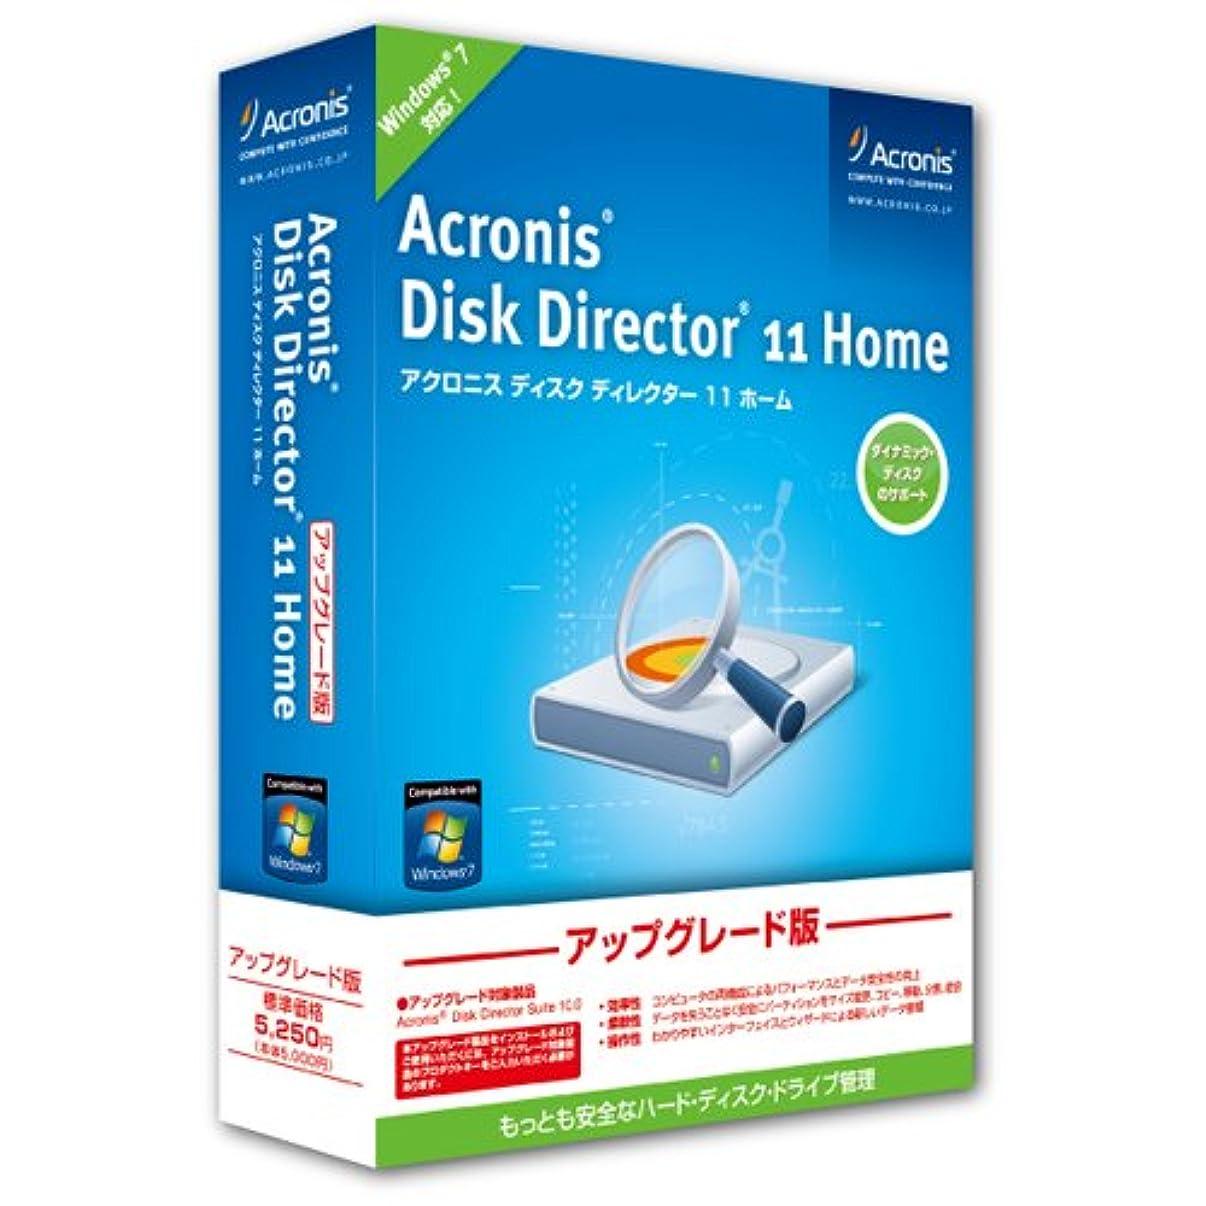 死の顎干し草冷えるAcronis Disk Director 11 Home アップグレード版